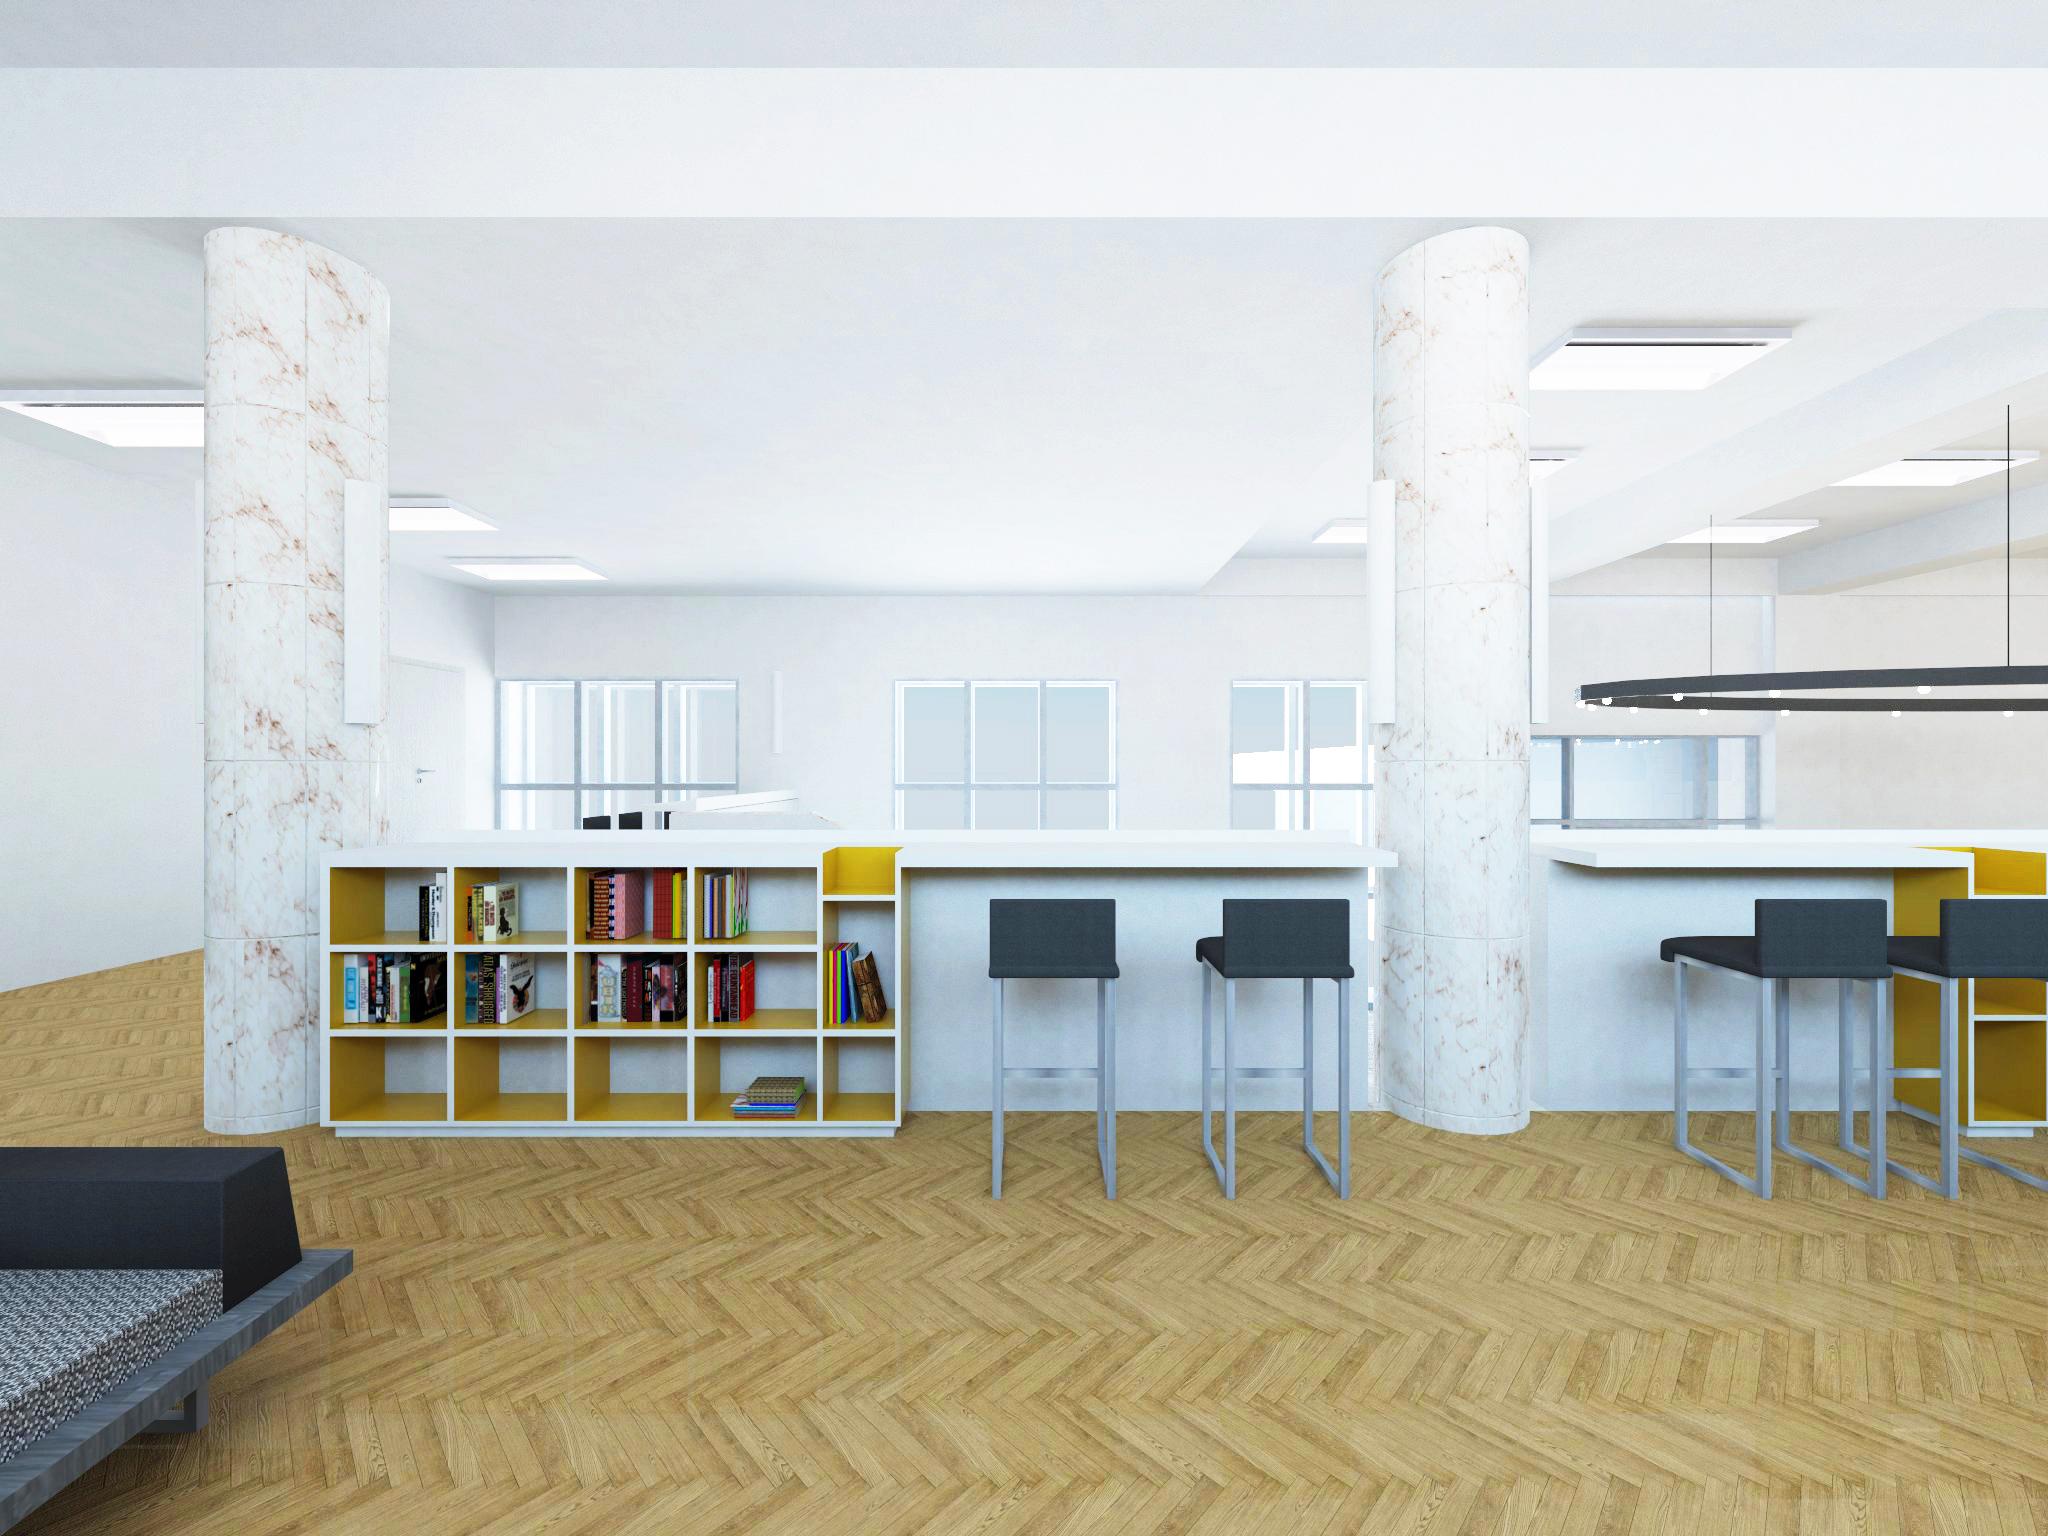 Зона чтения и работы на 2-м этаже